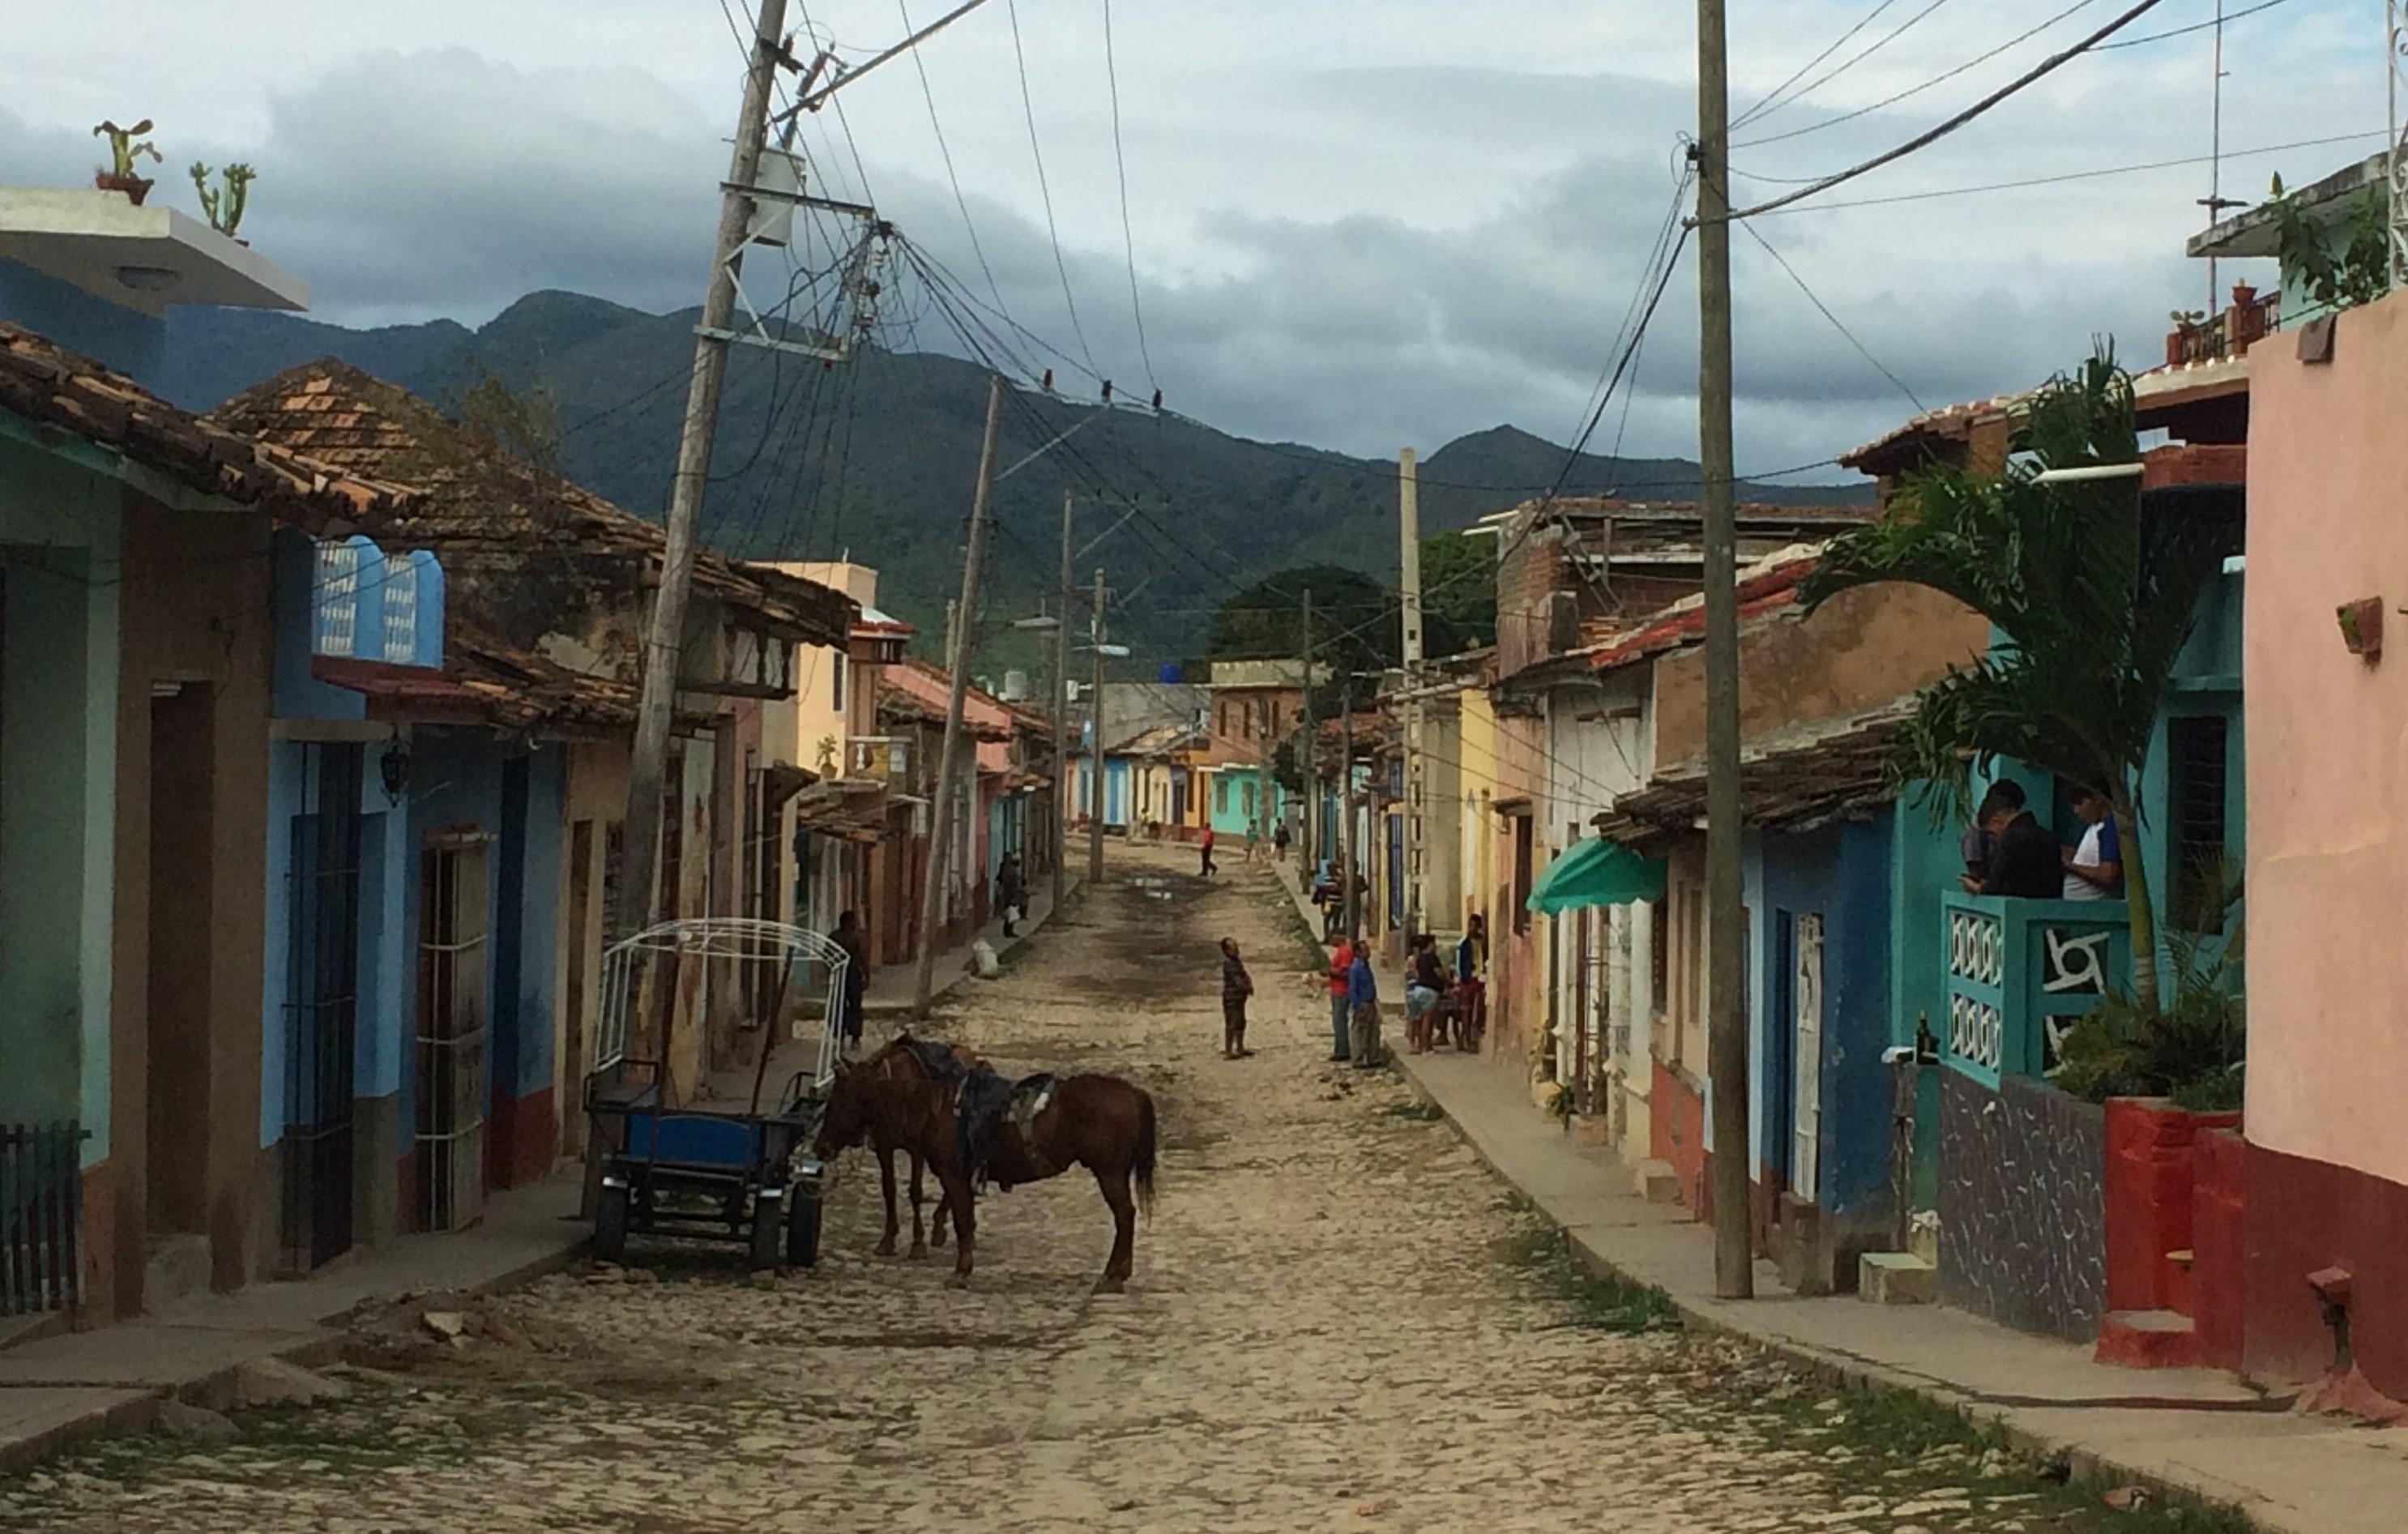 Mean streets of Trinidad